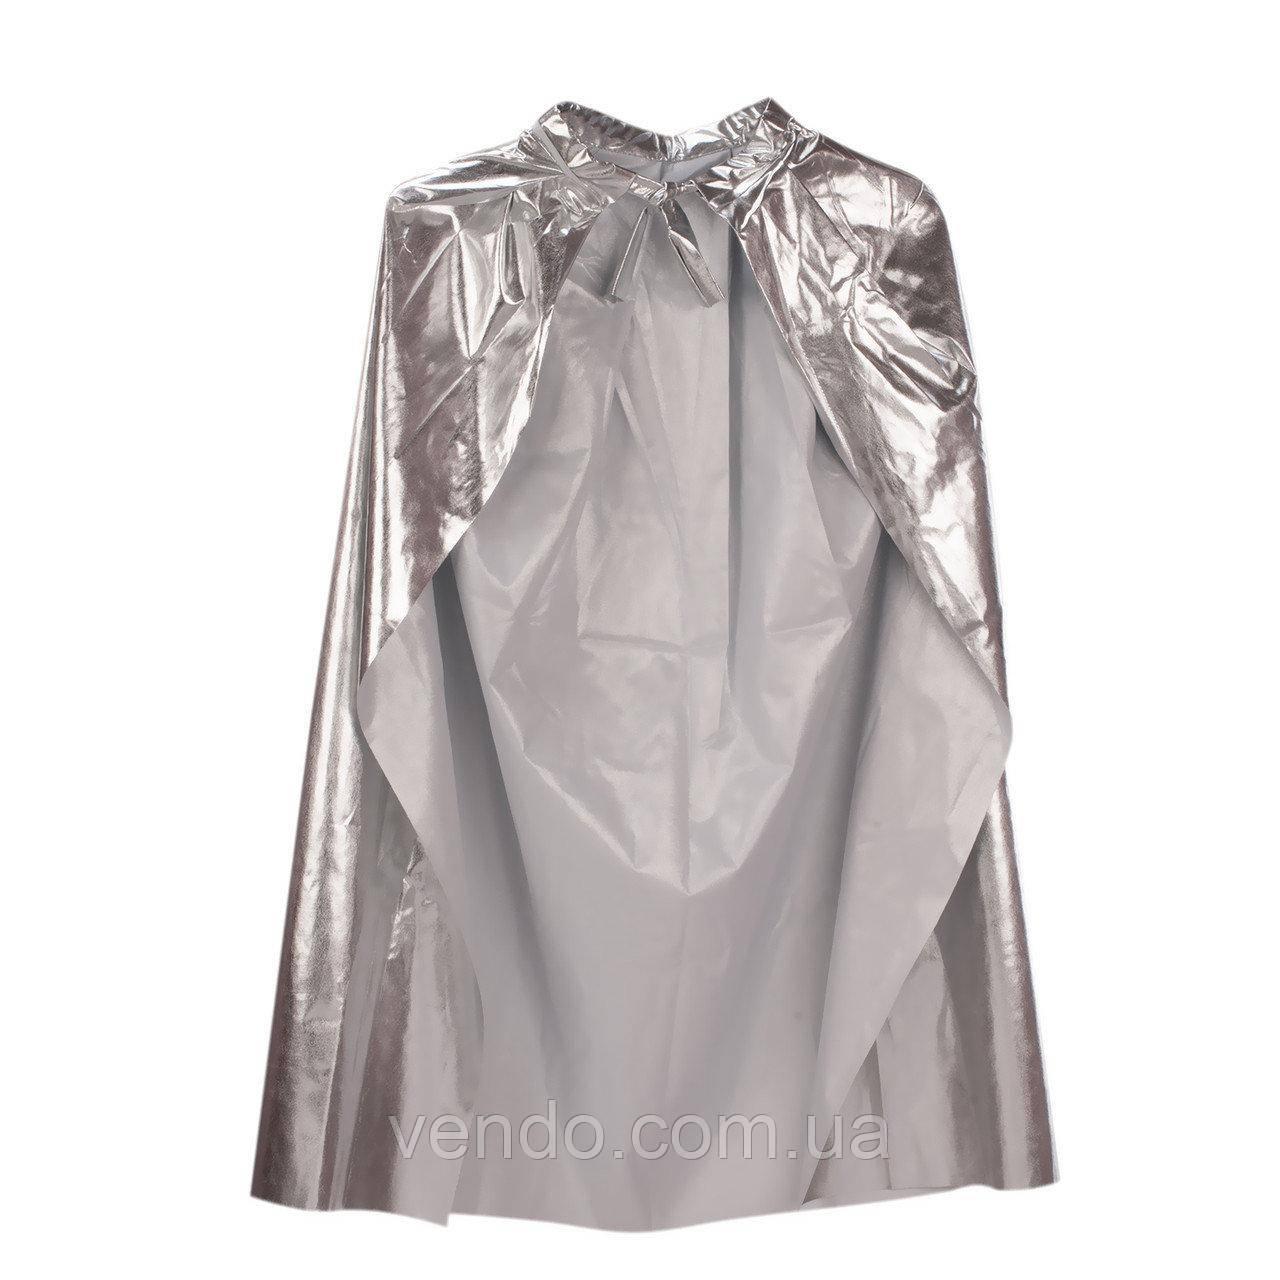 Плащ из парчи /накидка карнавальная серебряная, 130 см.